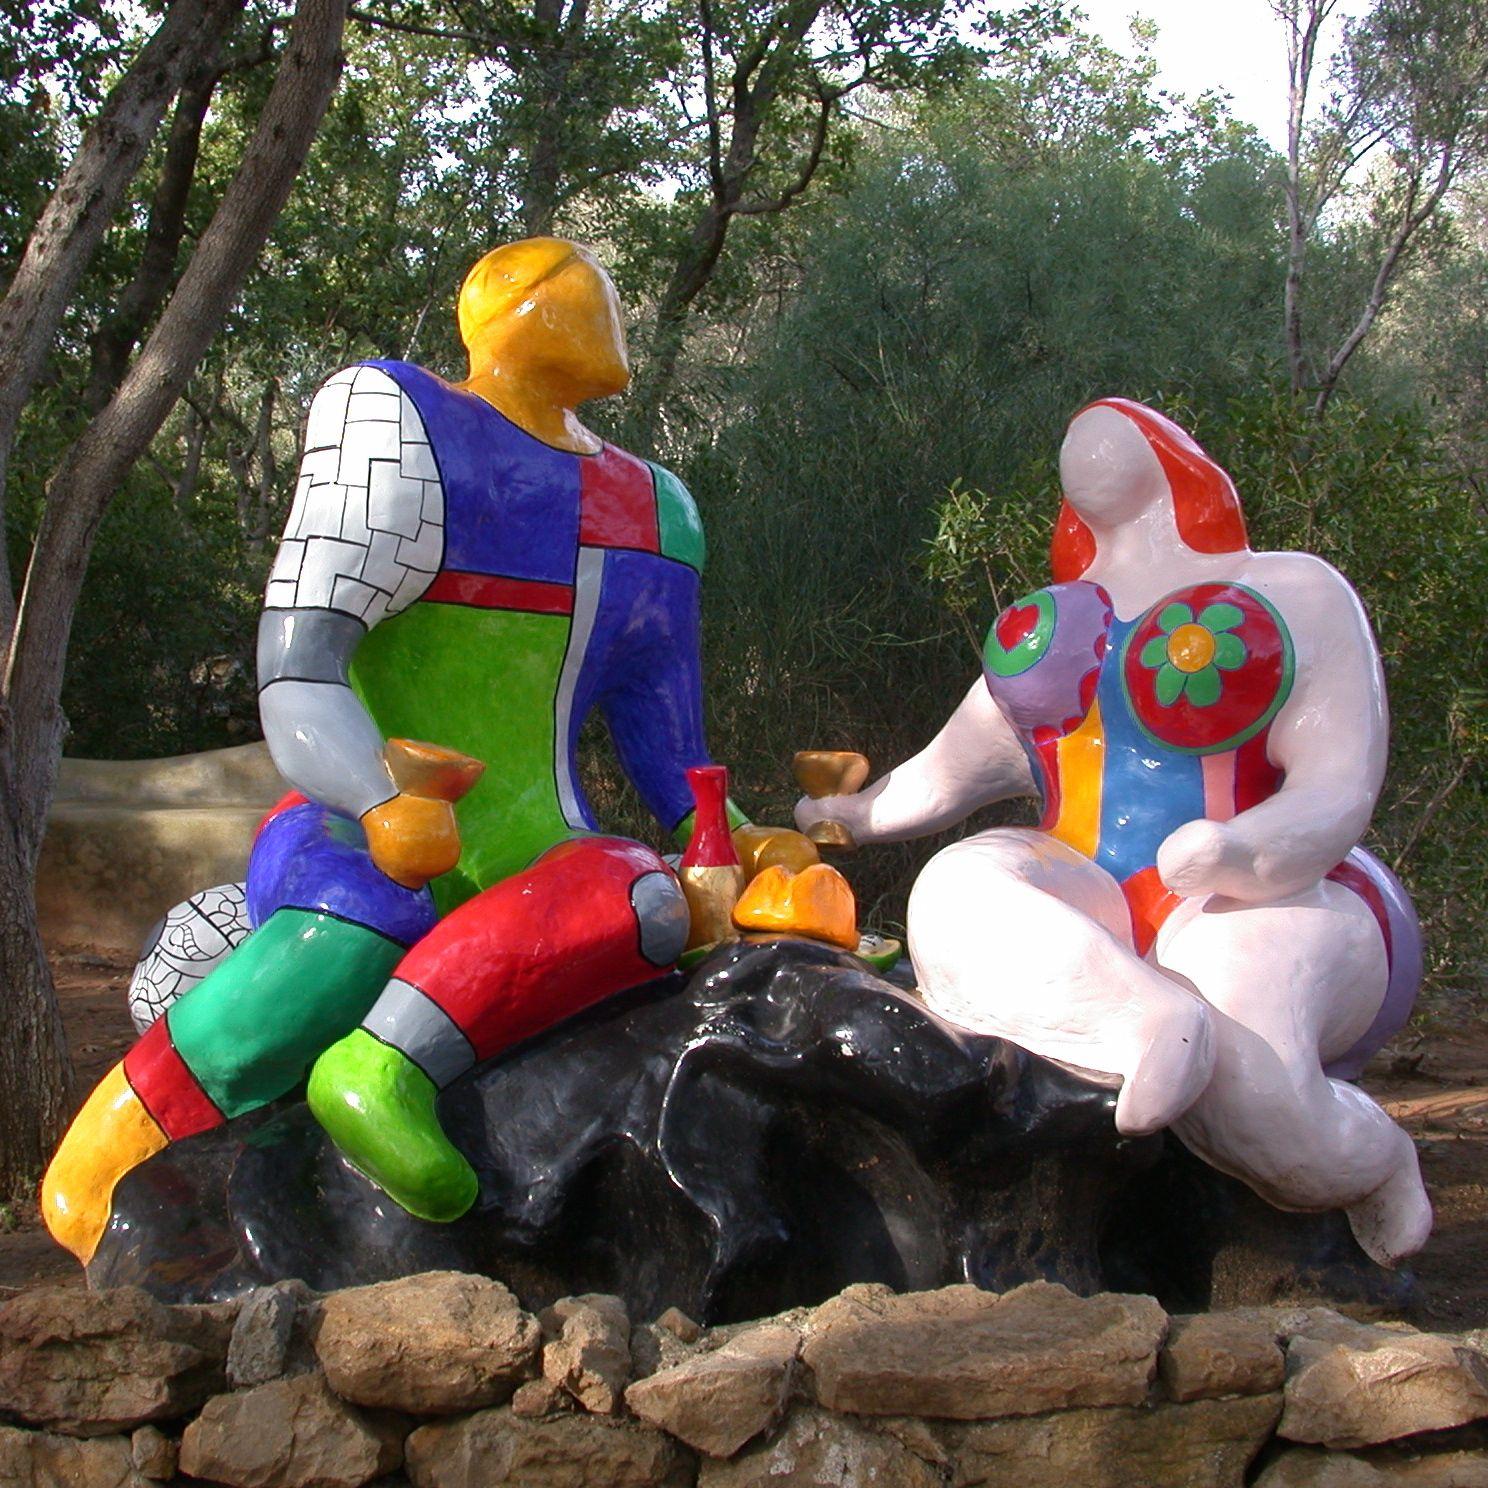 More from the Tarot Garden Tarot garden Pinterest